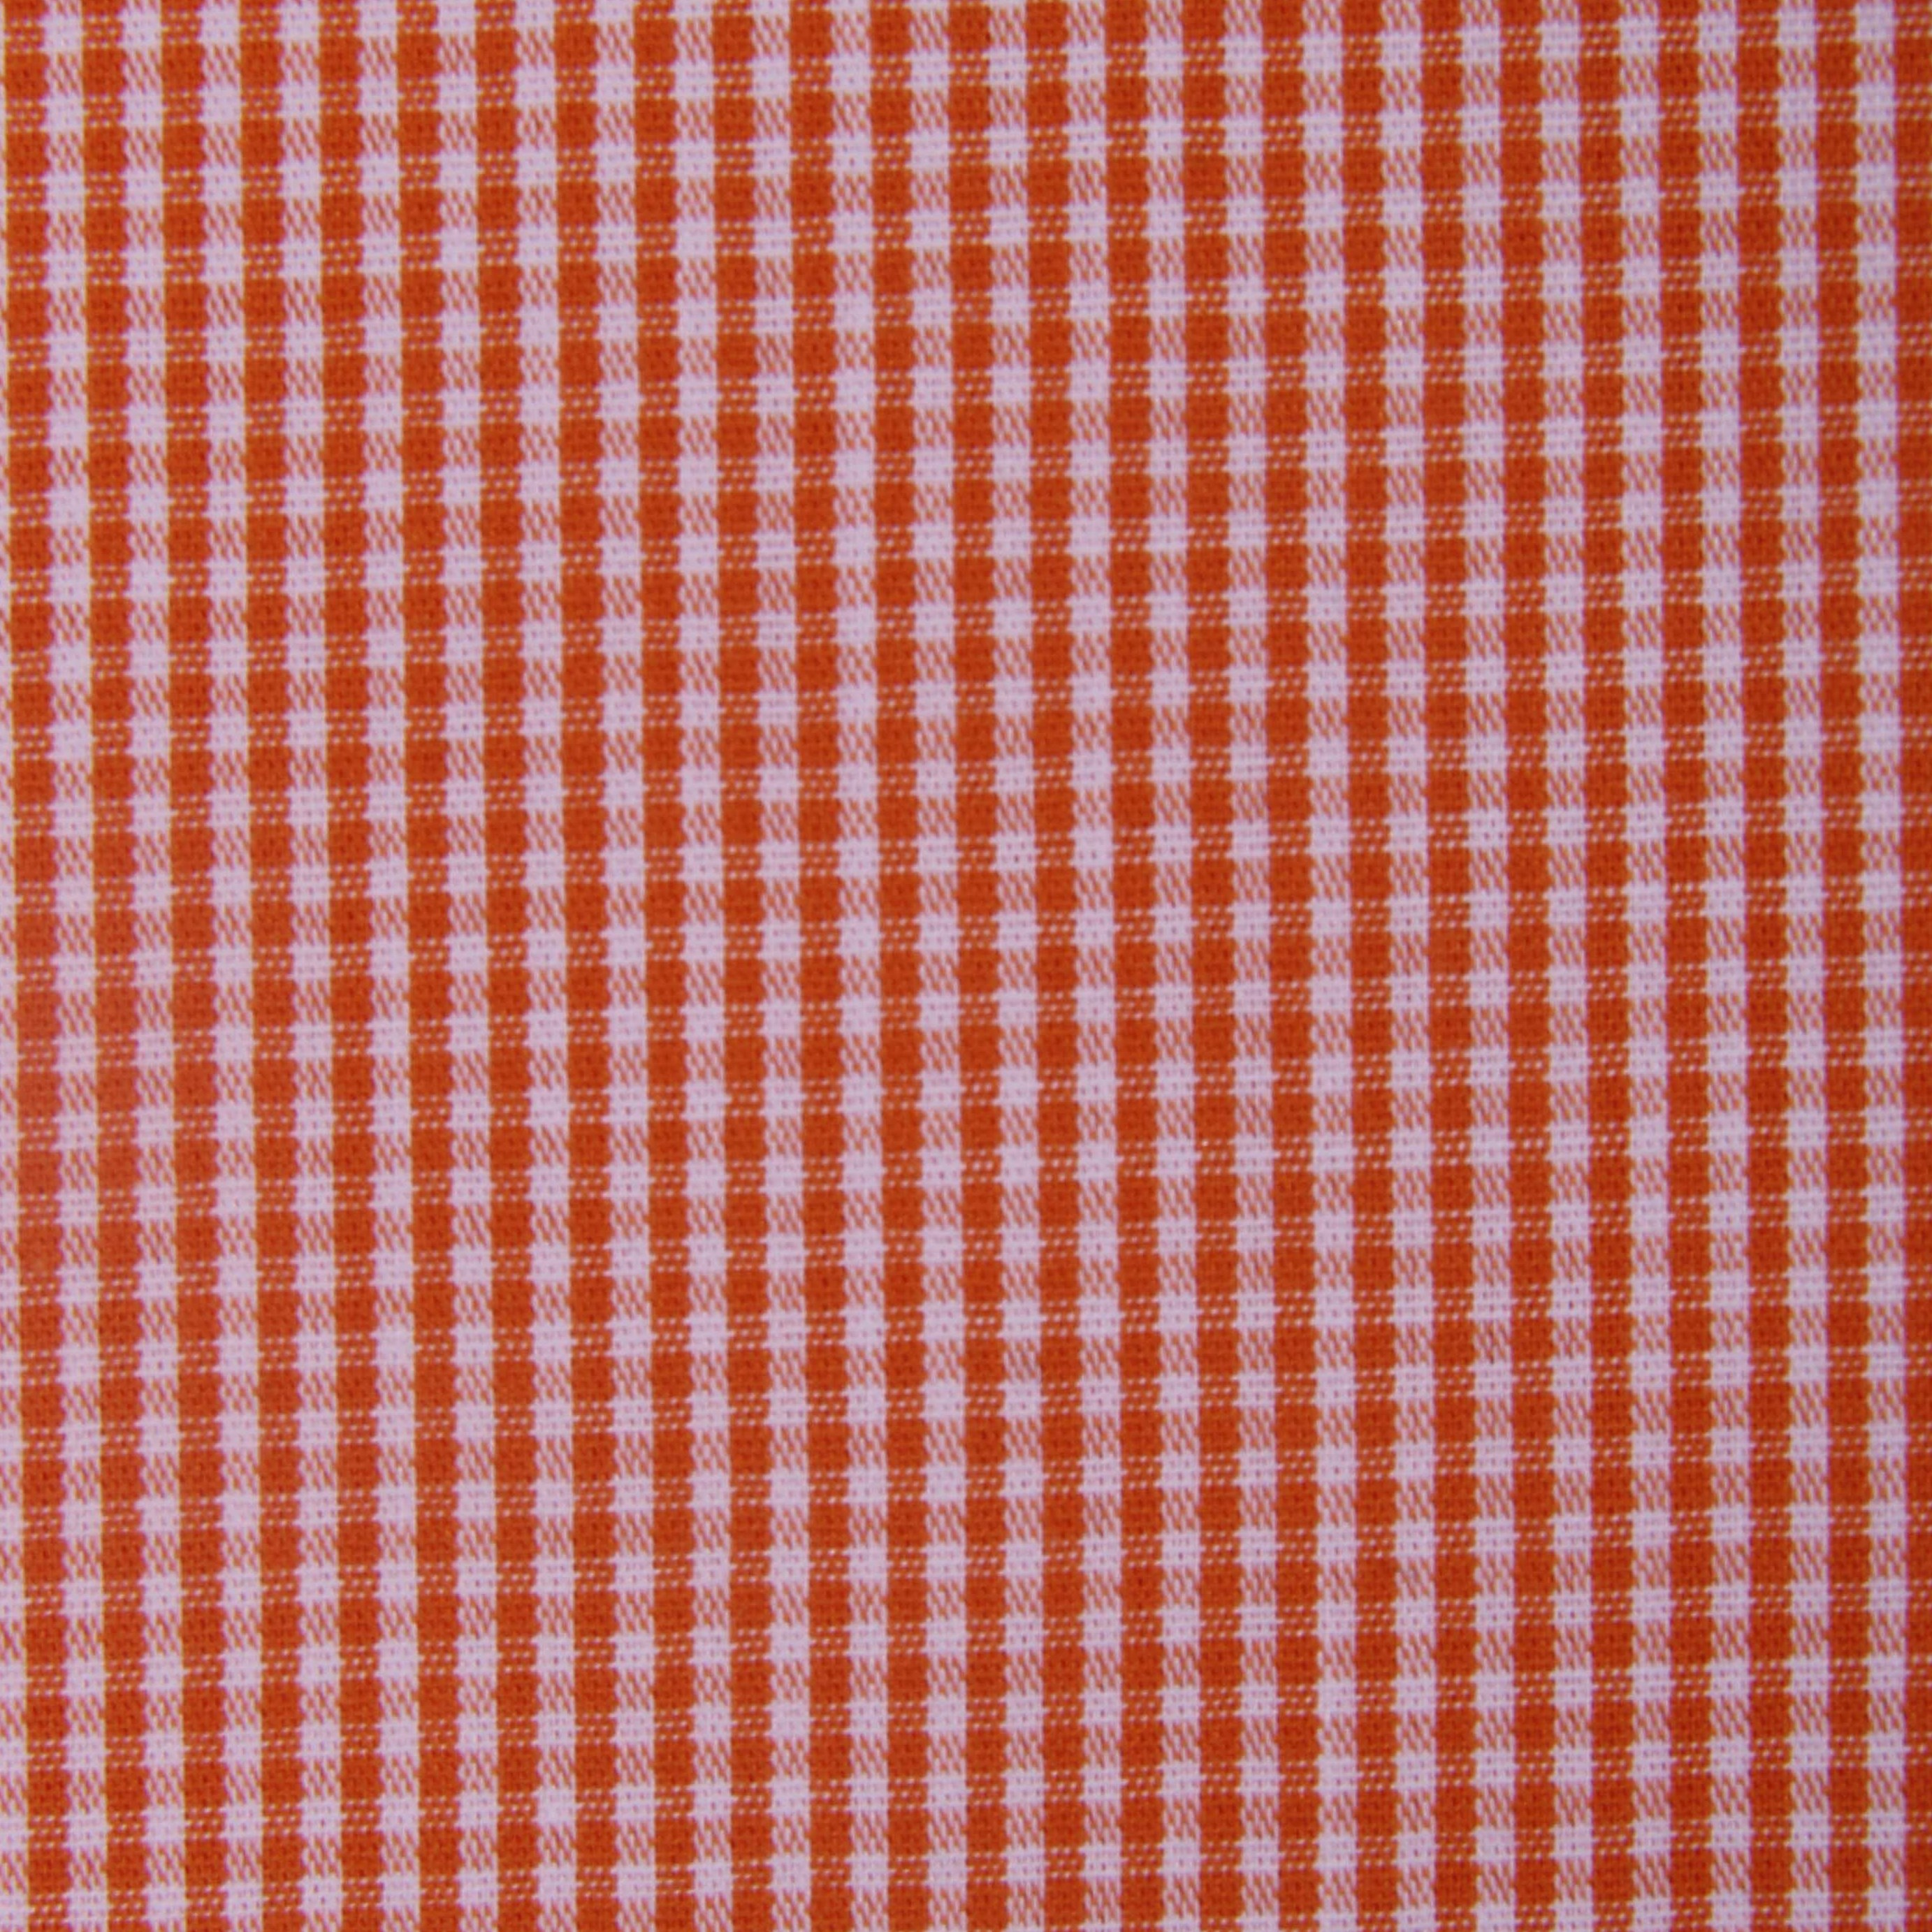 Классическая клетчатая ткань Chaoyang, сезон весна-лето, 100% хлопок, шаг 1 мм